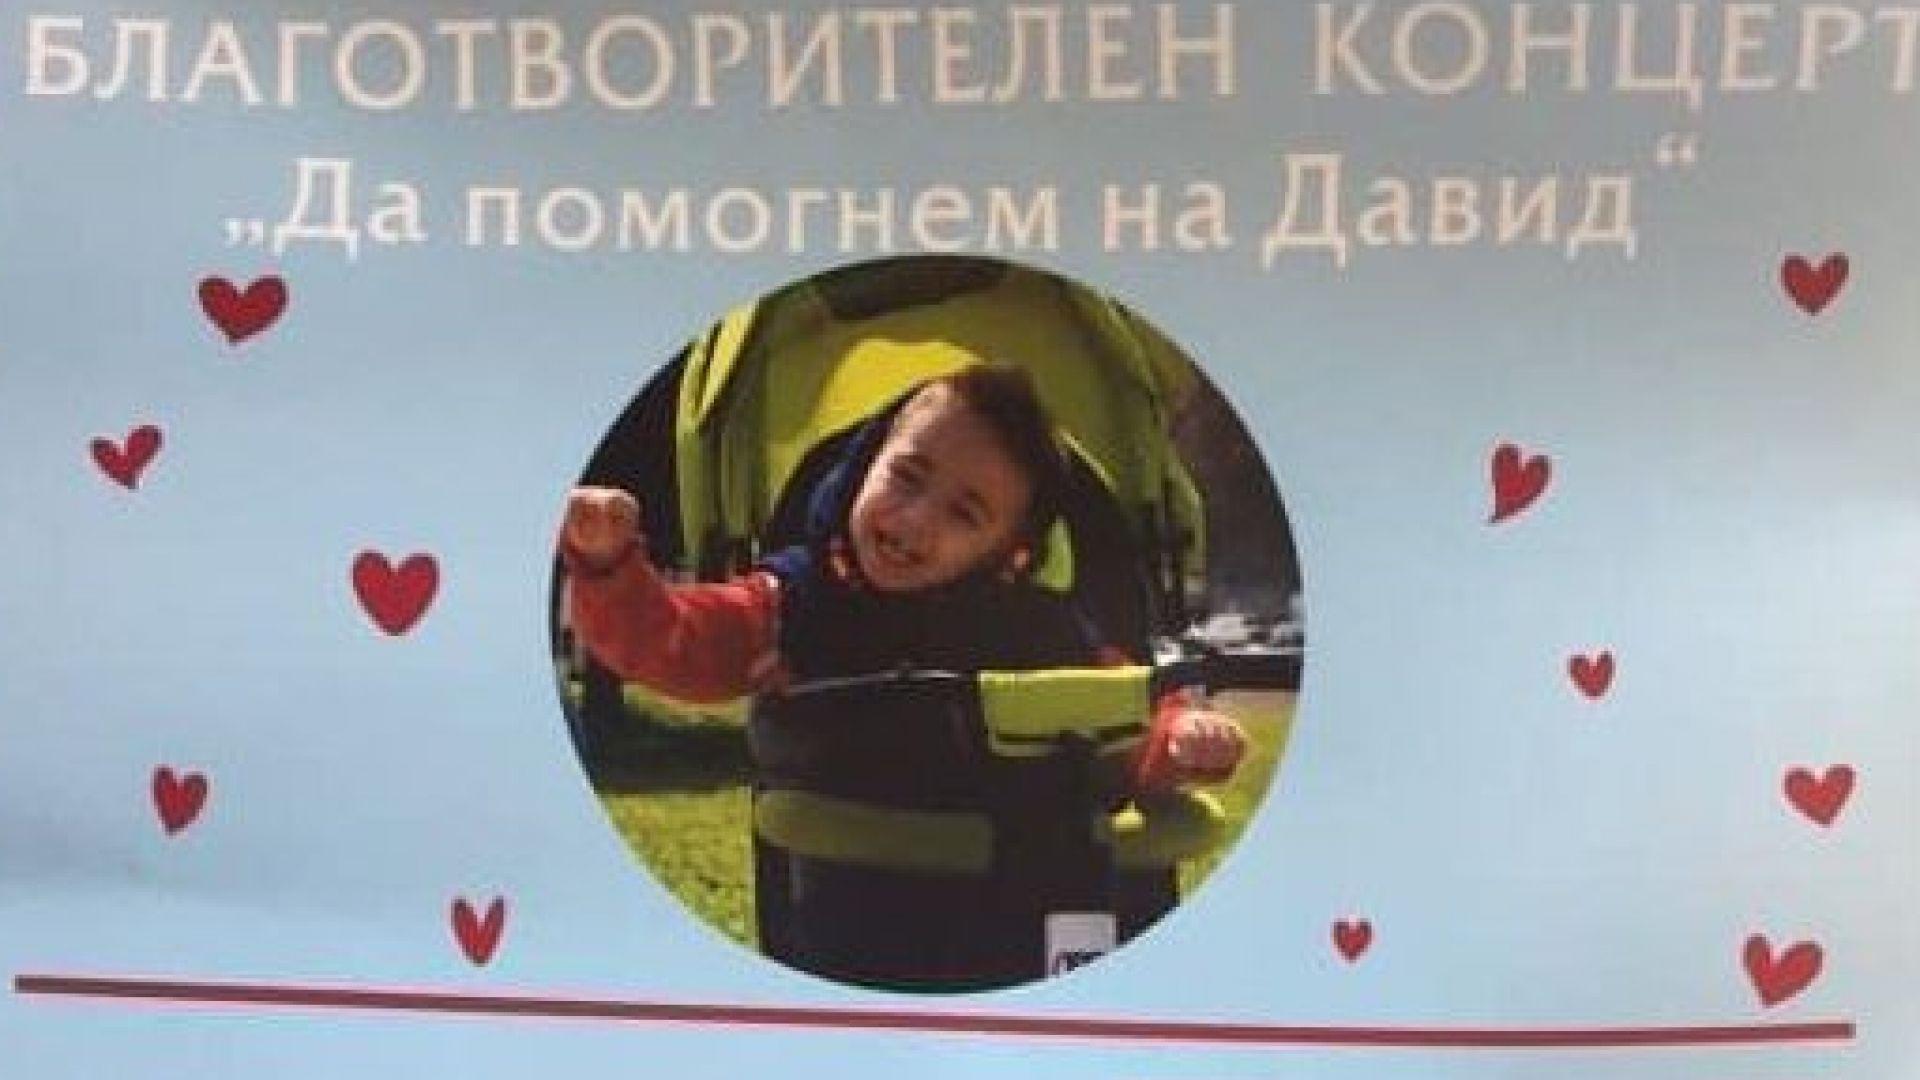 Да помогнем на 4-годишния Давид да проходи